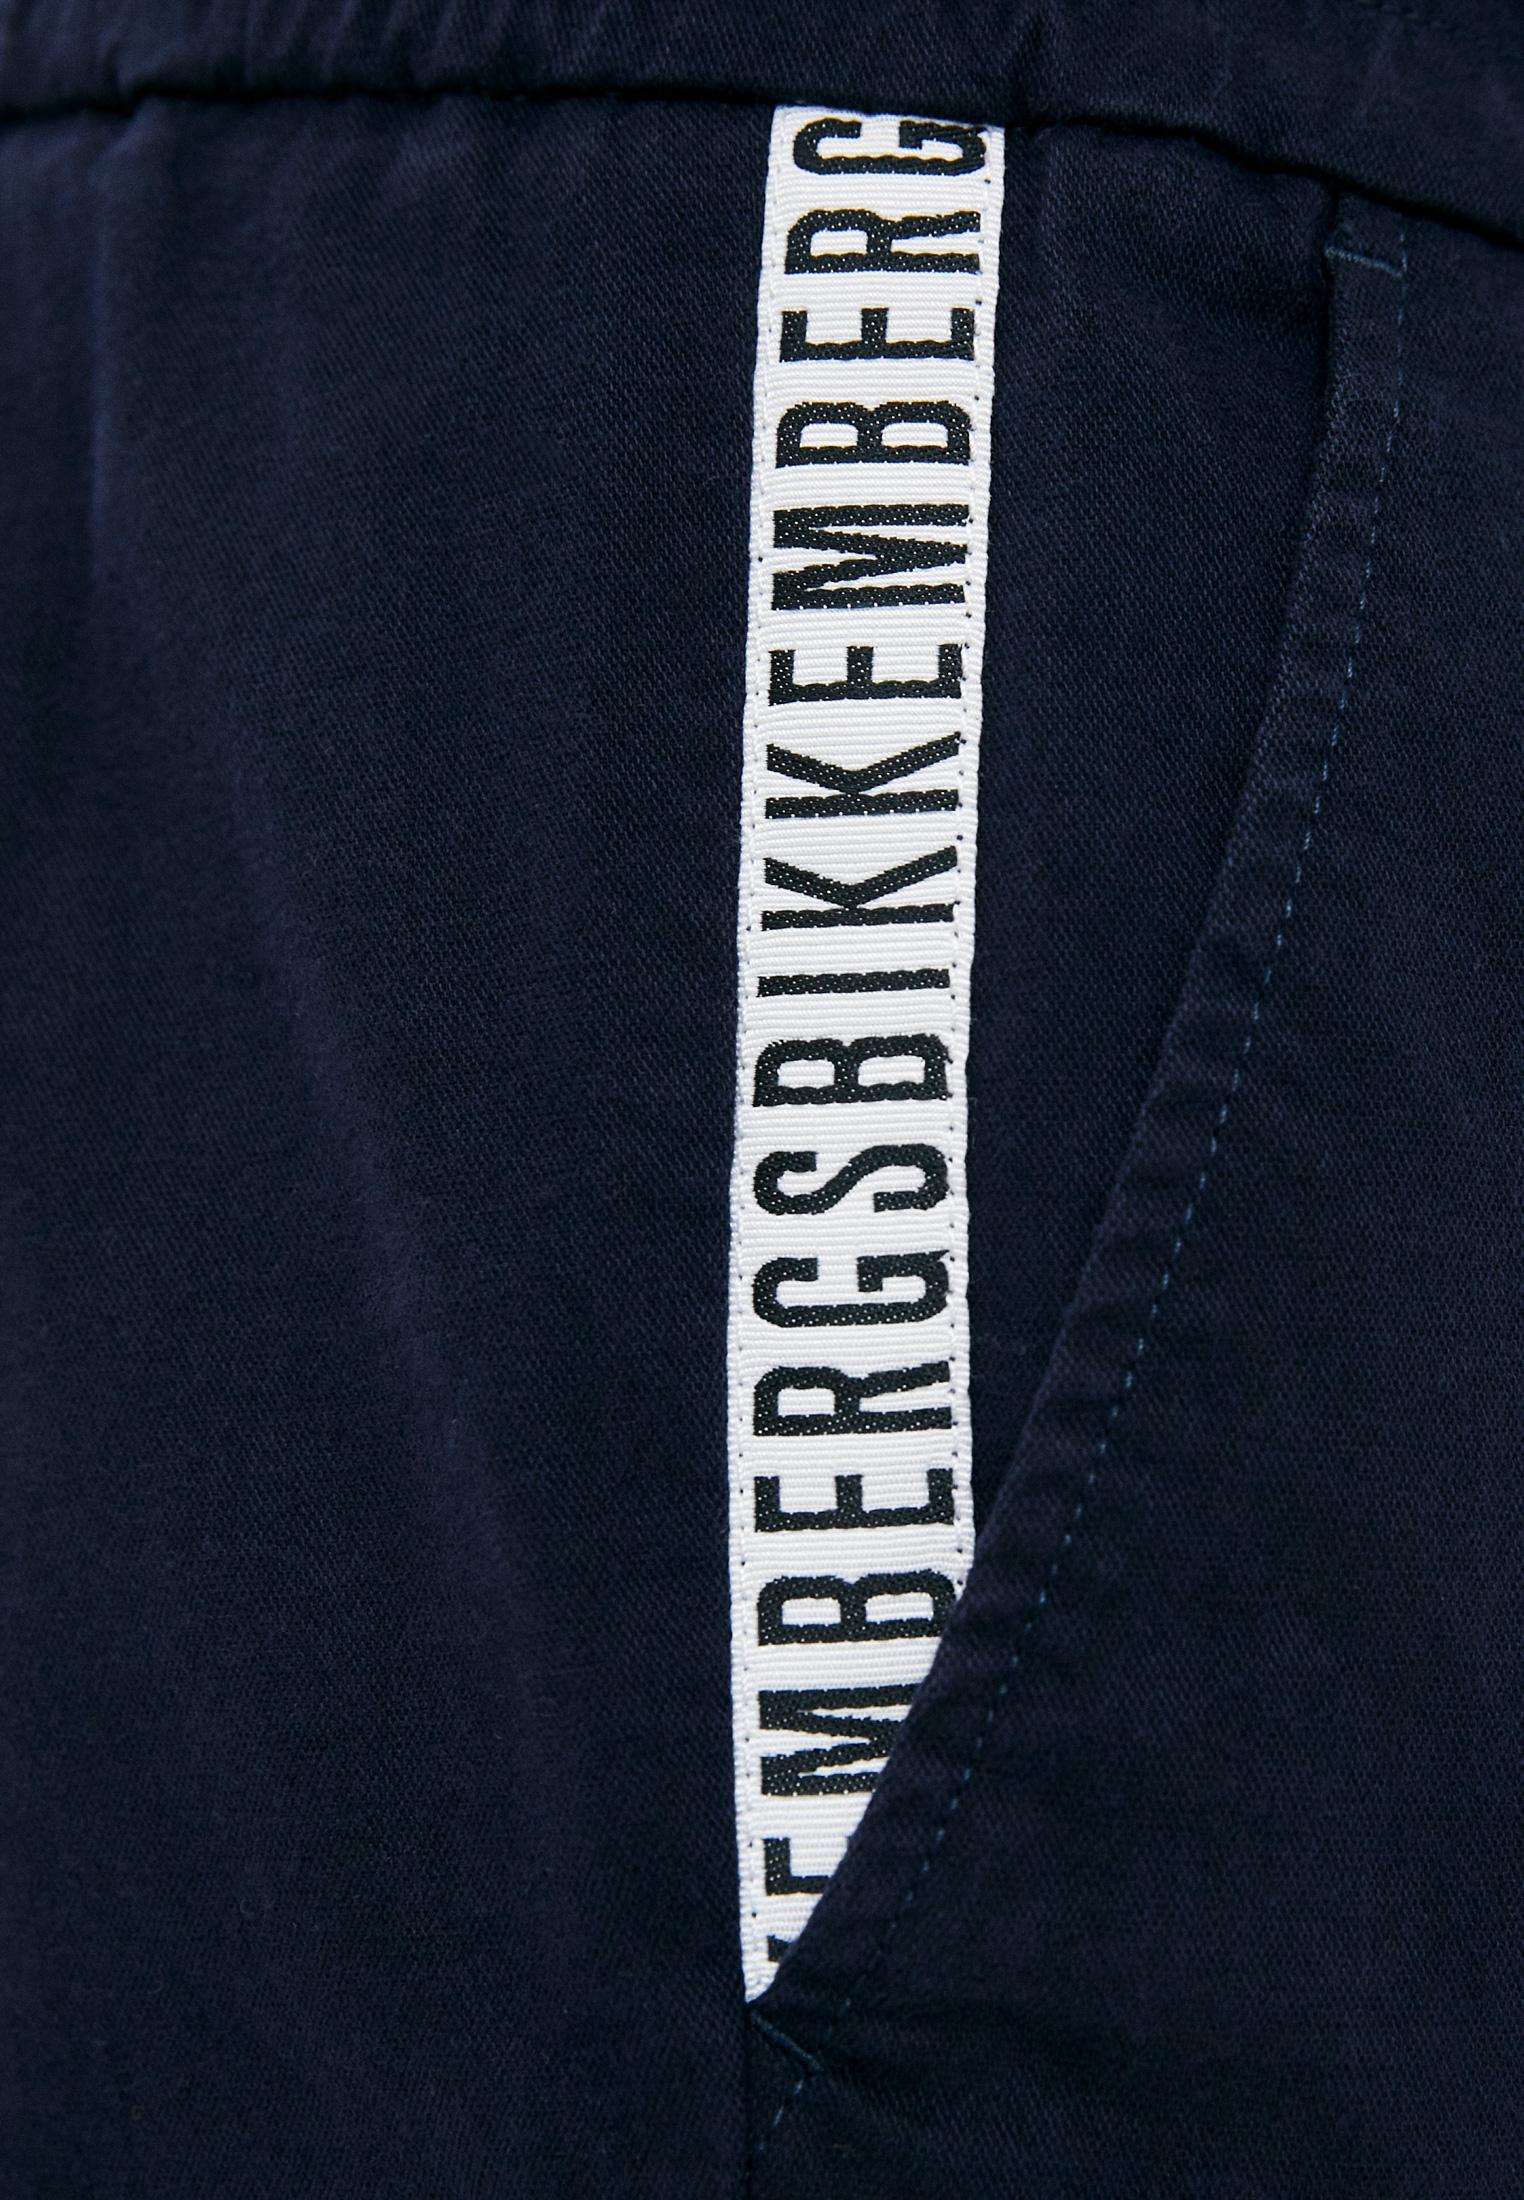 Мужские повседневные брюки Bikkembergs (Биккембергс) C P 039 00 S 3330: изображение 15